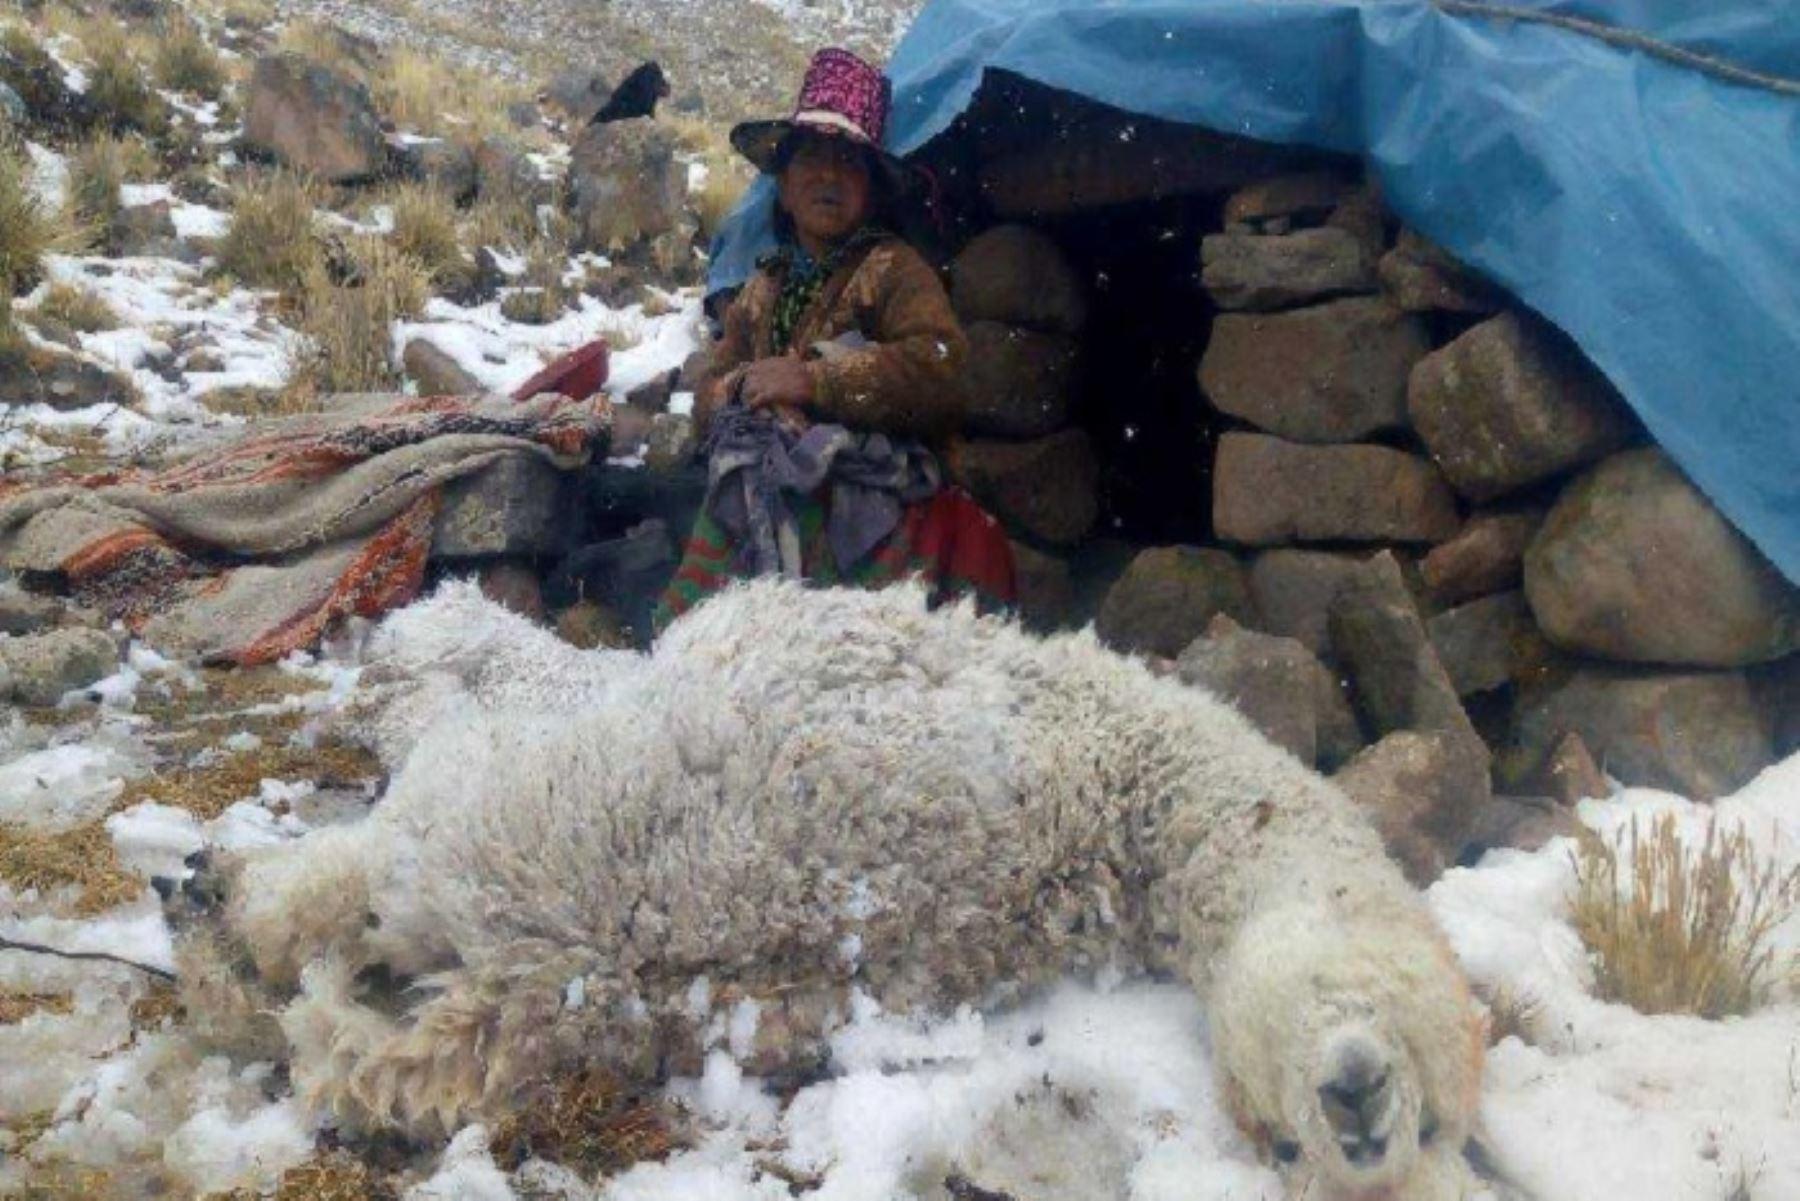 Las nevadas que se registran en la provincia cusqueña de Chumbivilcas han dejado 1,334 alpacas muertas, entre madres y crías en su mayoría; 6,670 enfermas y 667 familias afectadas por infecciones respiratorias agudas, informó la Plataforma de Defensa Civil de dicha jurisdicción.